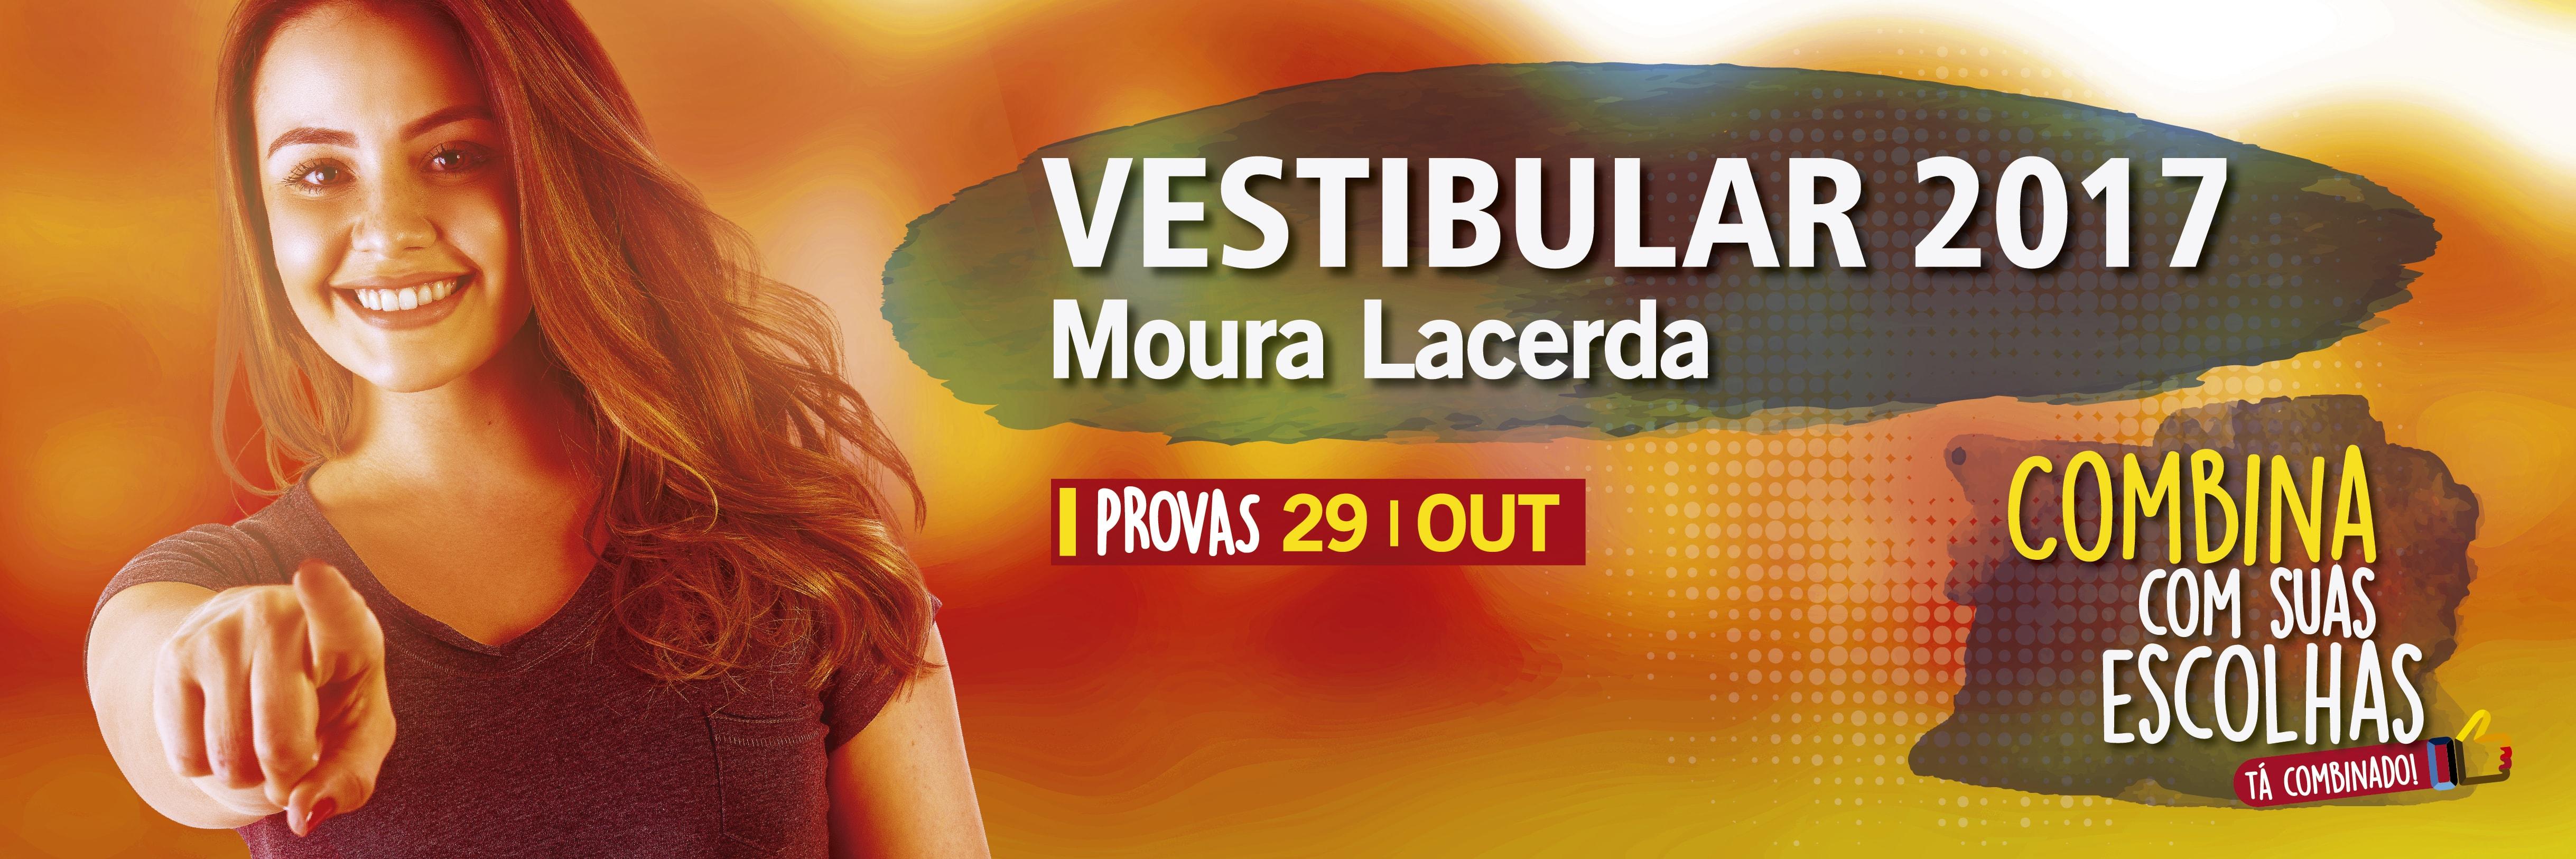 Vestibular 2017 - 29 de Outubro